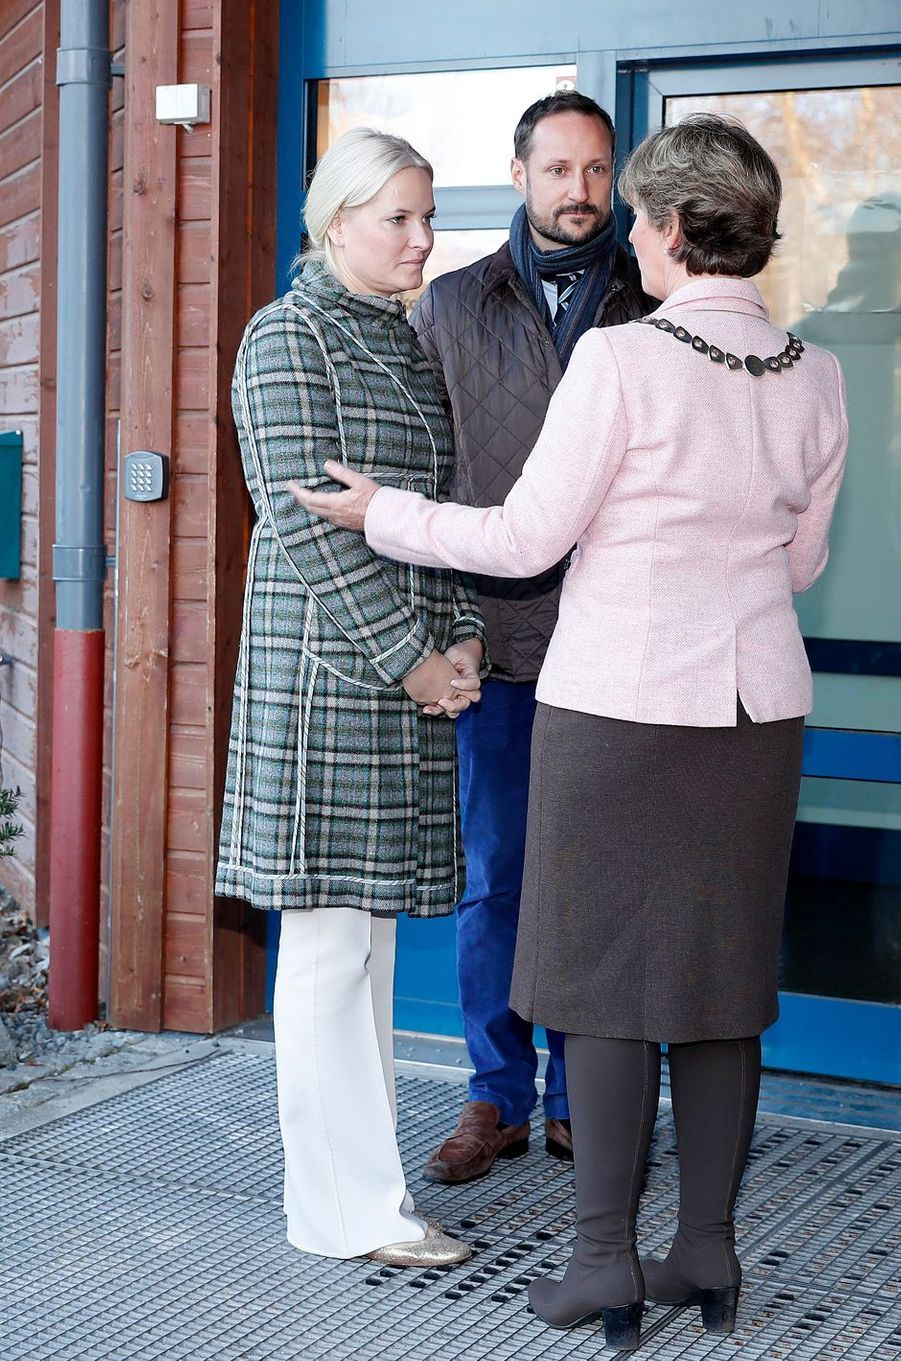 La princesse Mette-Marit et le prince Haakon de Norvège à Baerum, le 14 décembre 2016